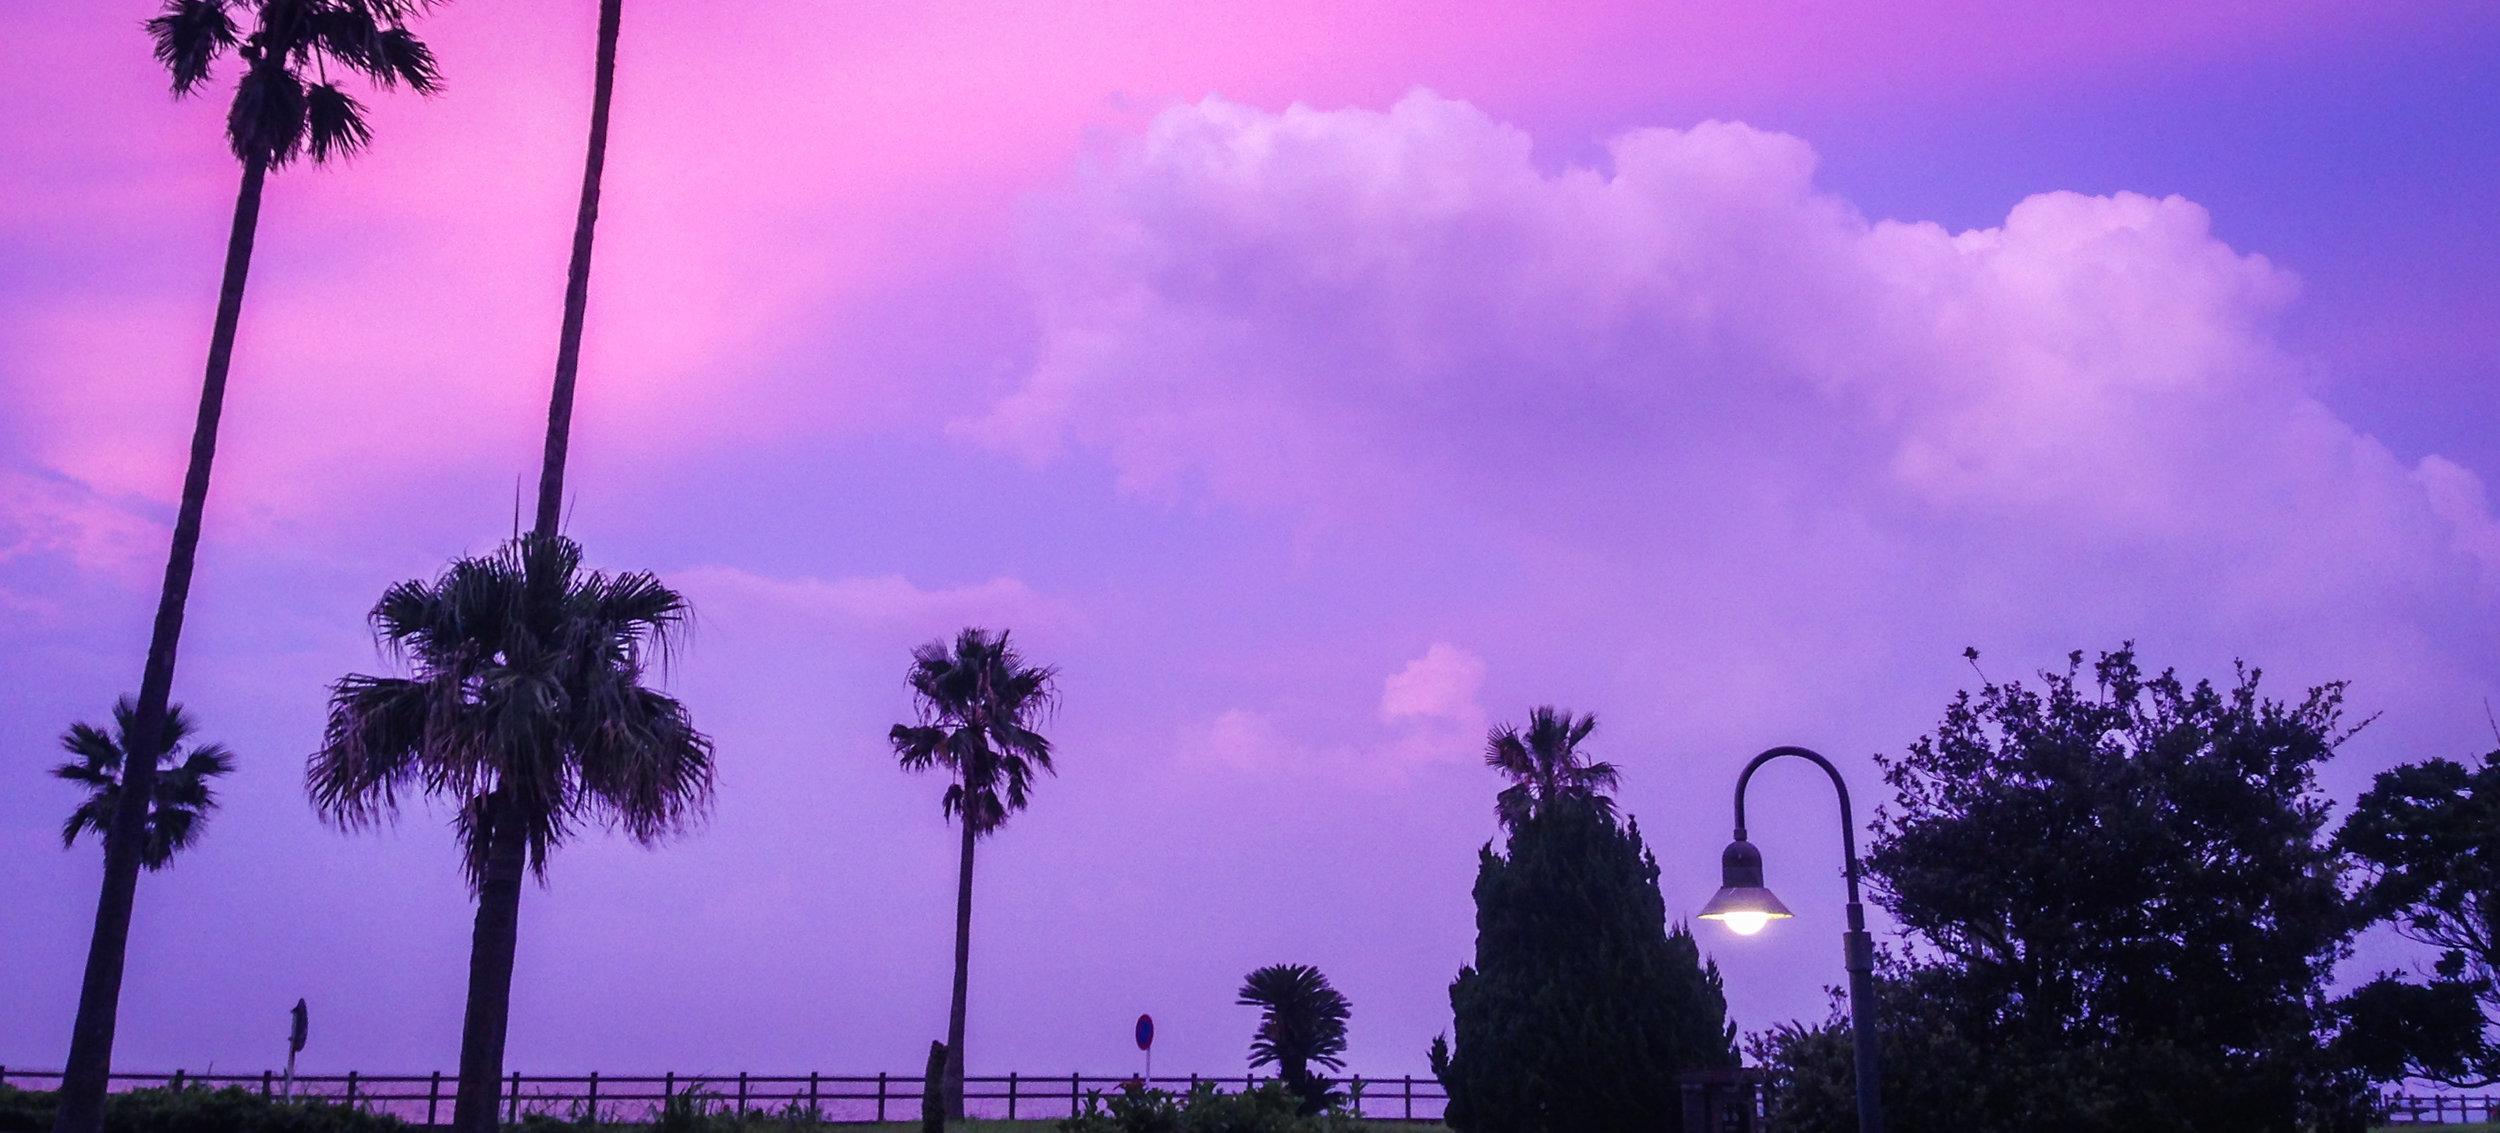 cloud_6070.jpg